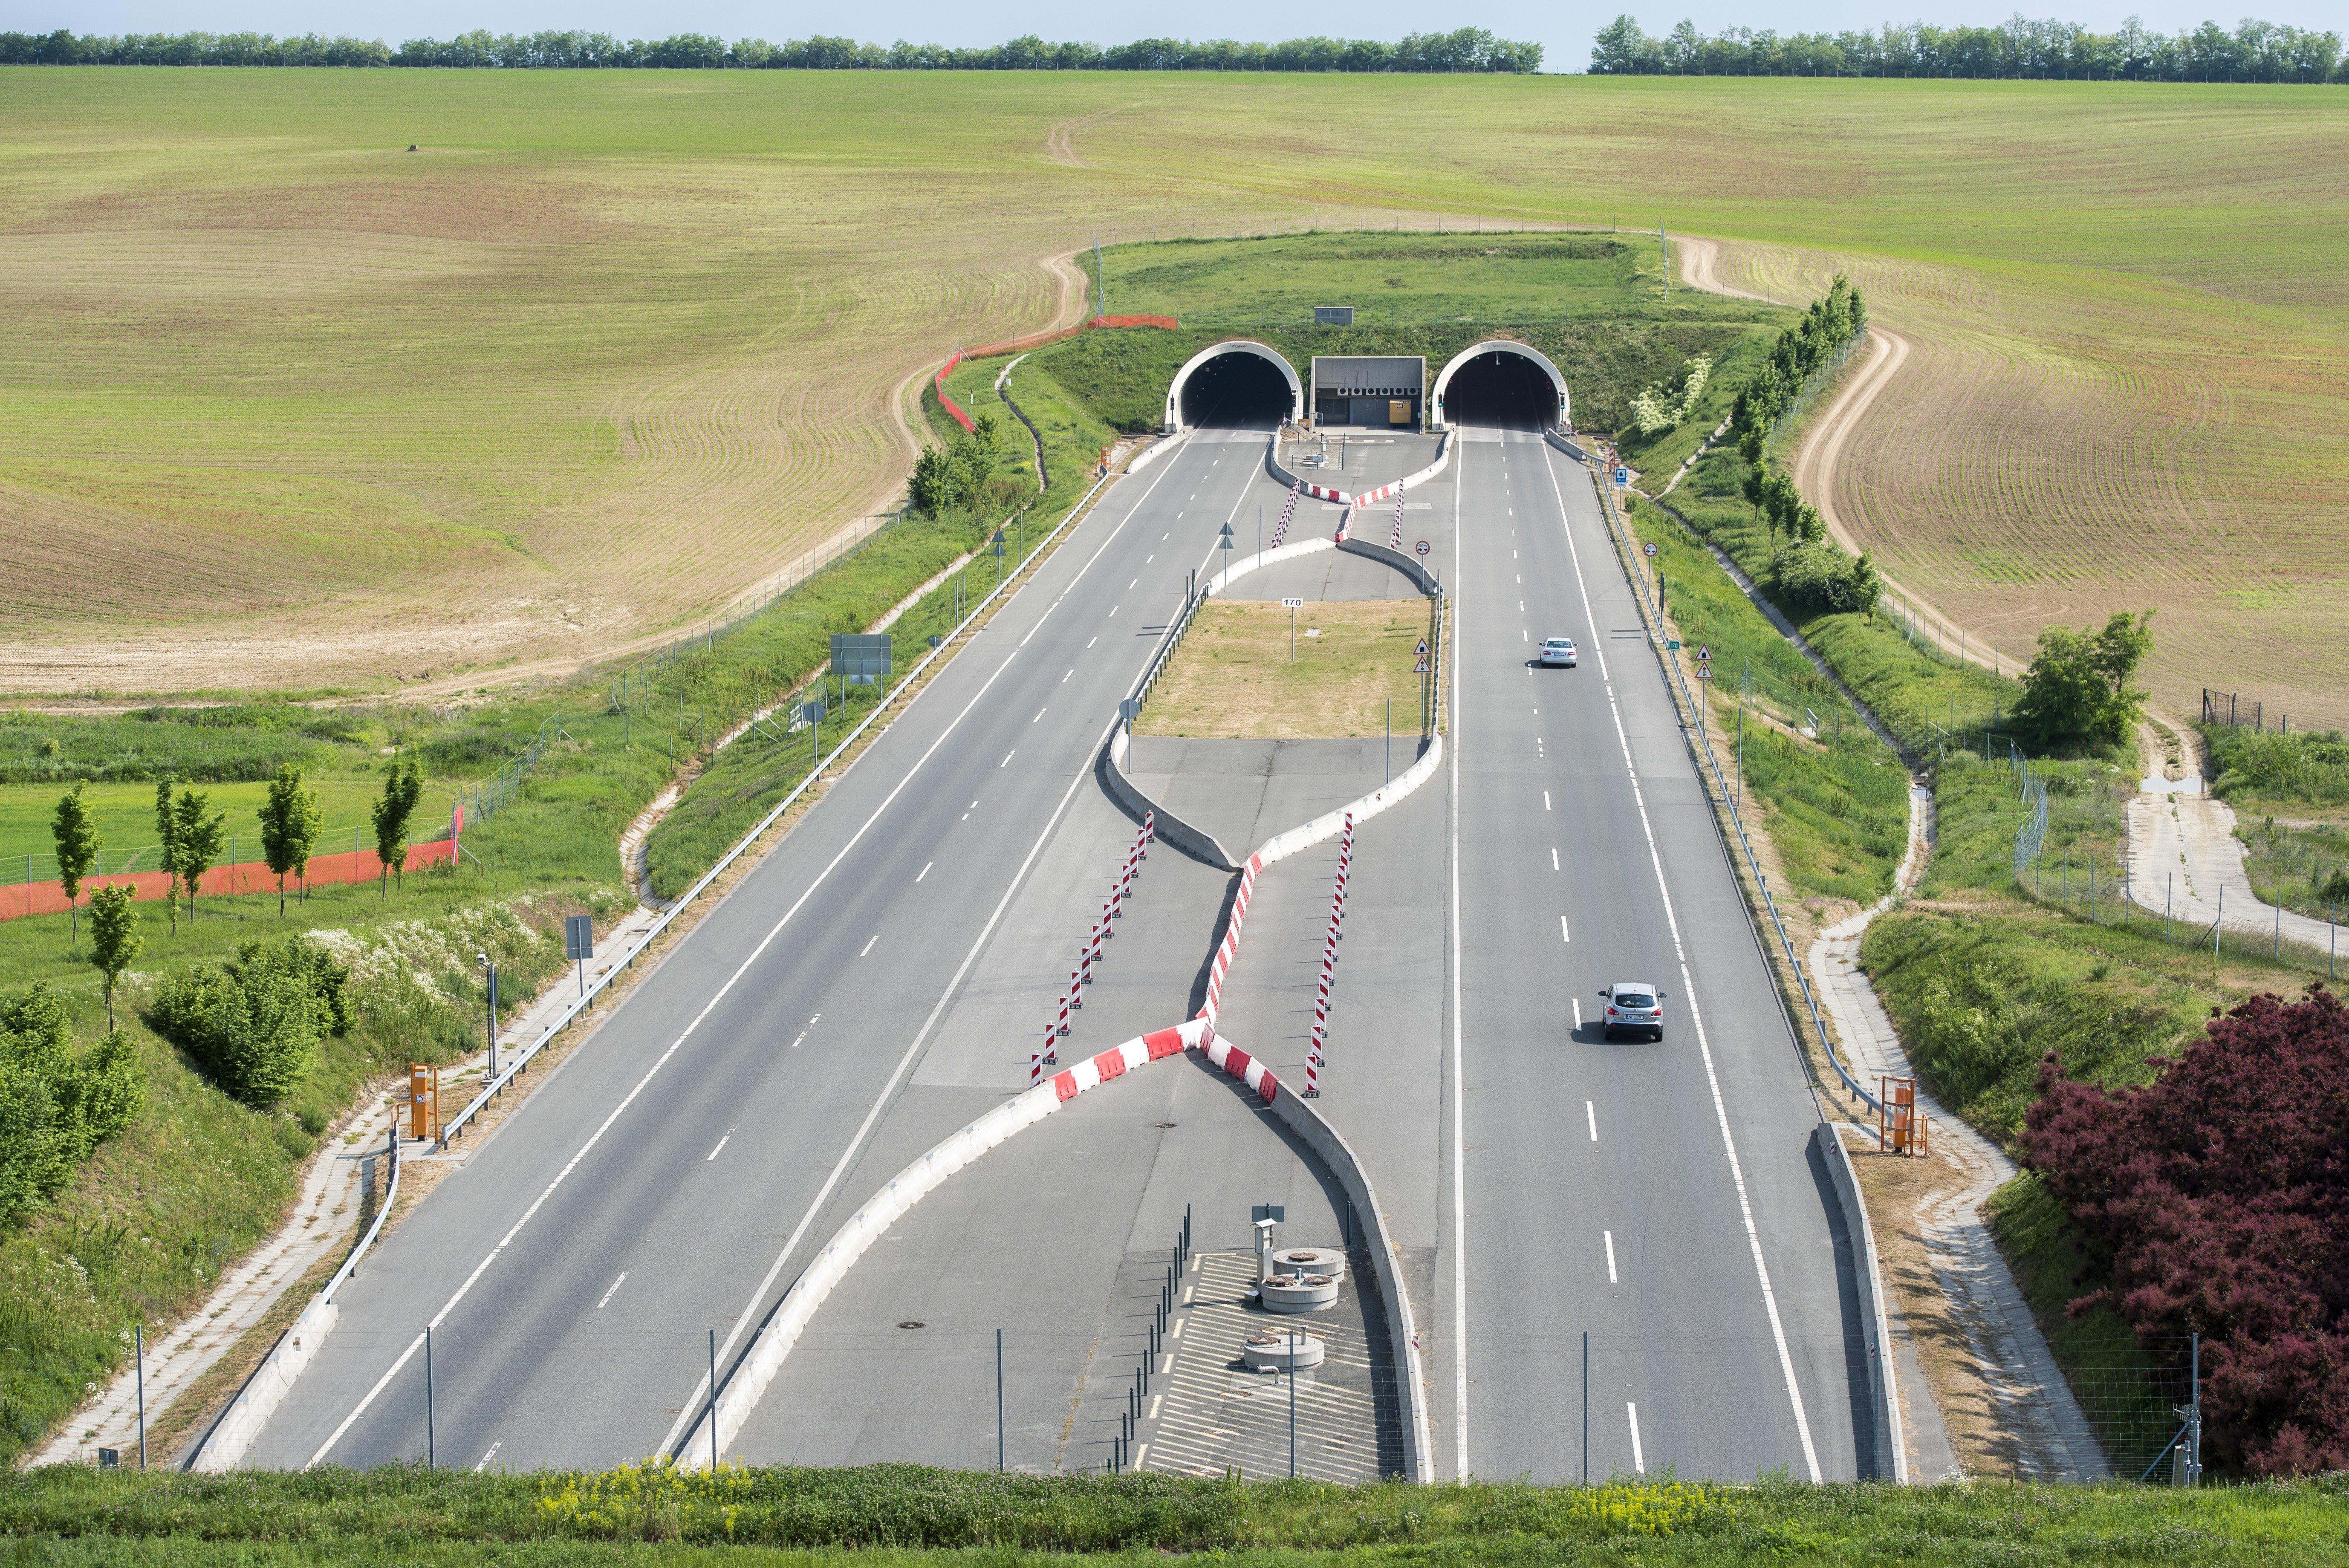 Elviszik a határig az M6-os autópályát